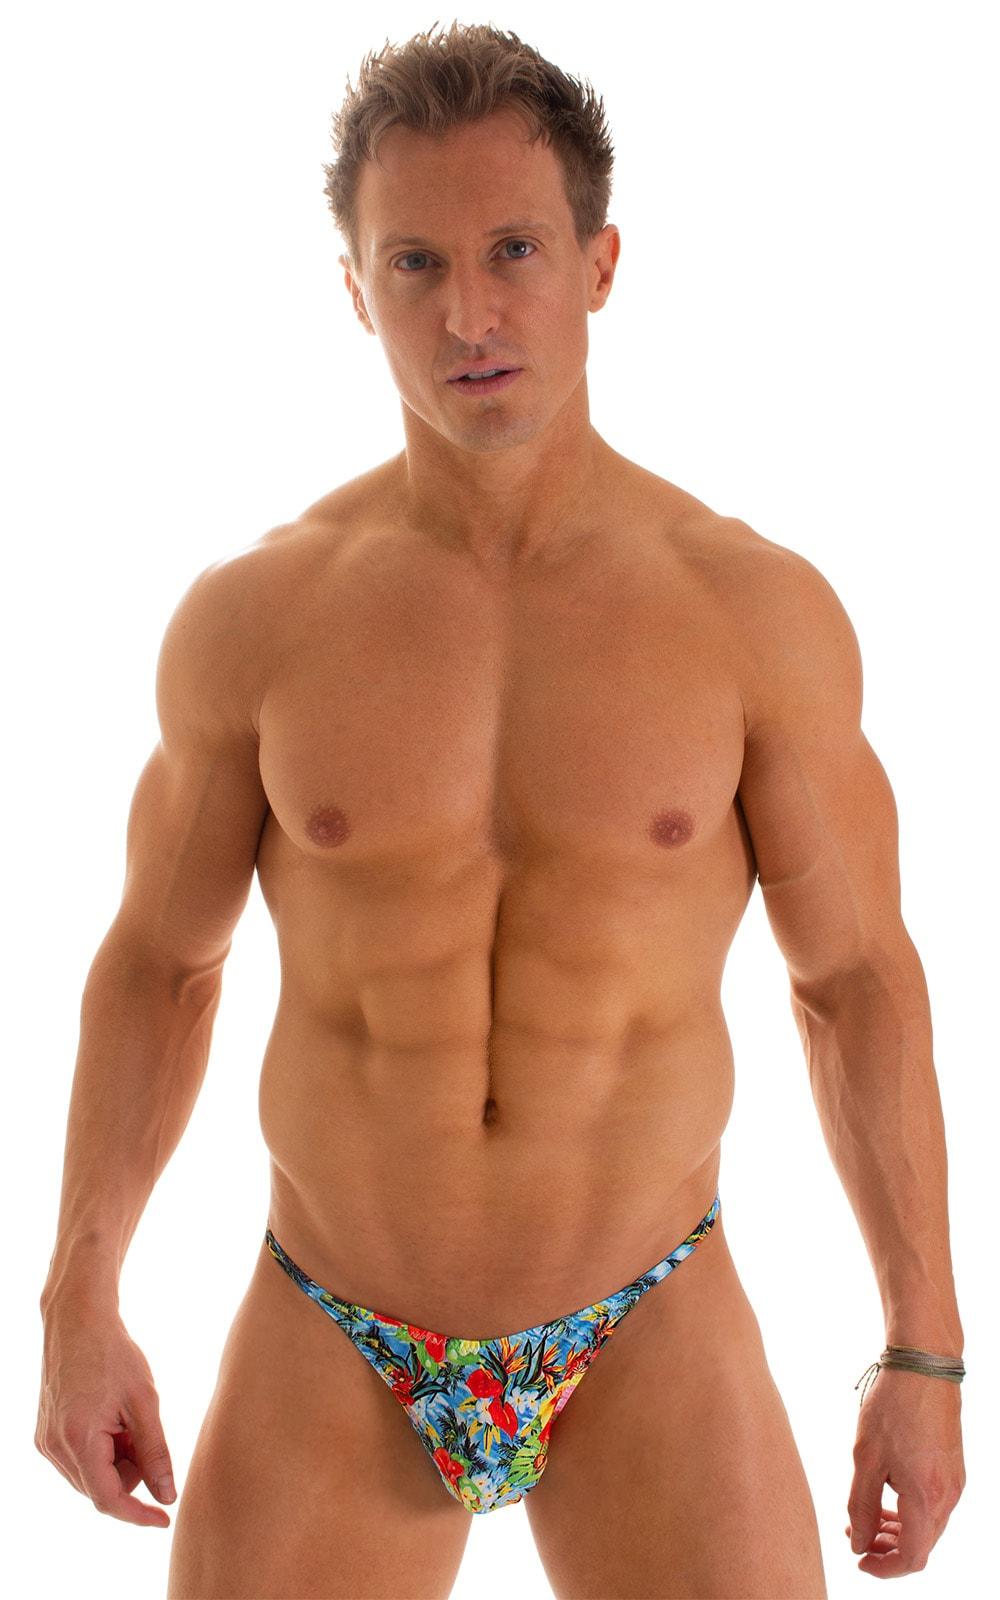 Sunseeker2 Tanning Swimsuit in Super ThinSKINZ Honolulu 1